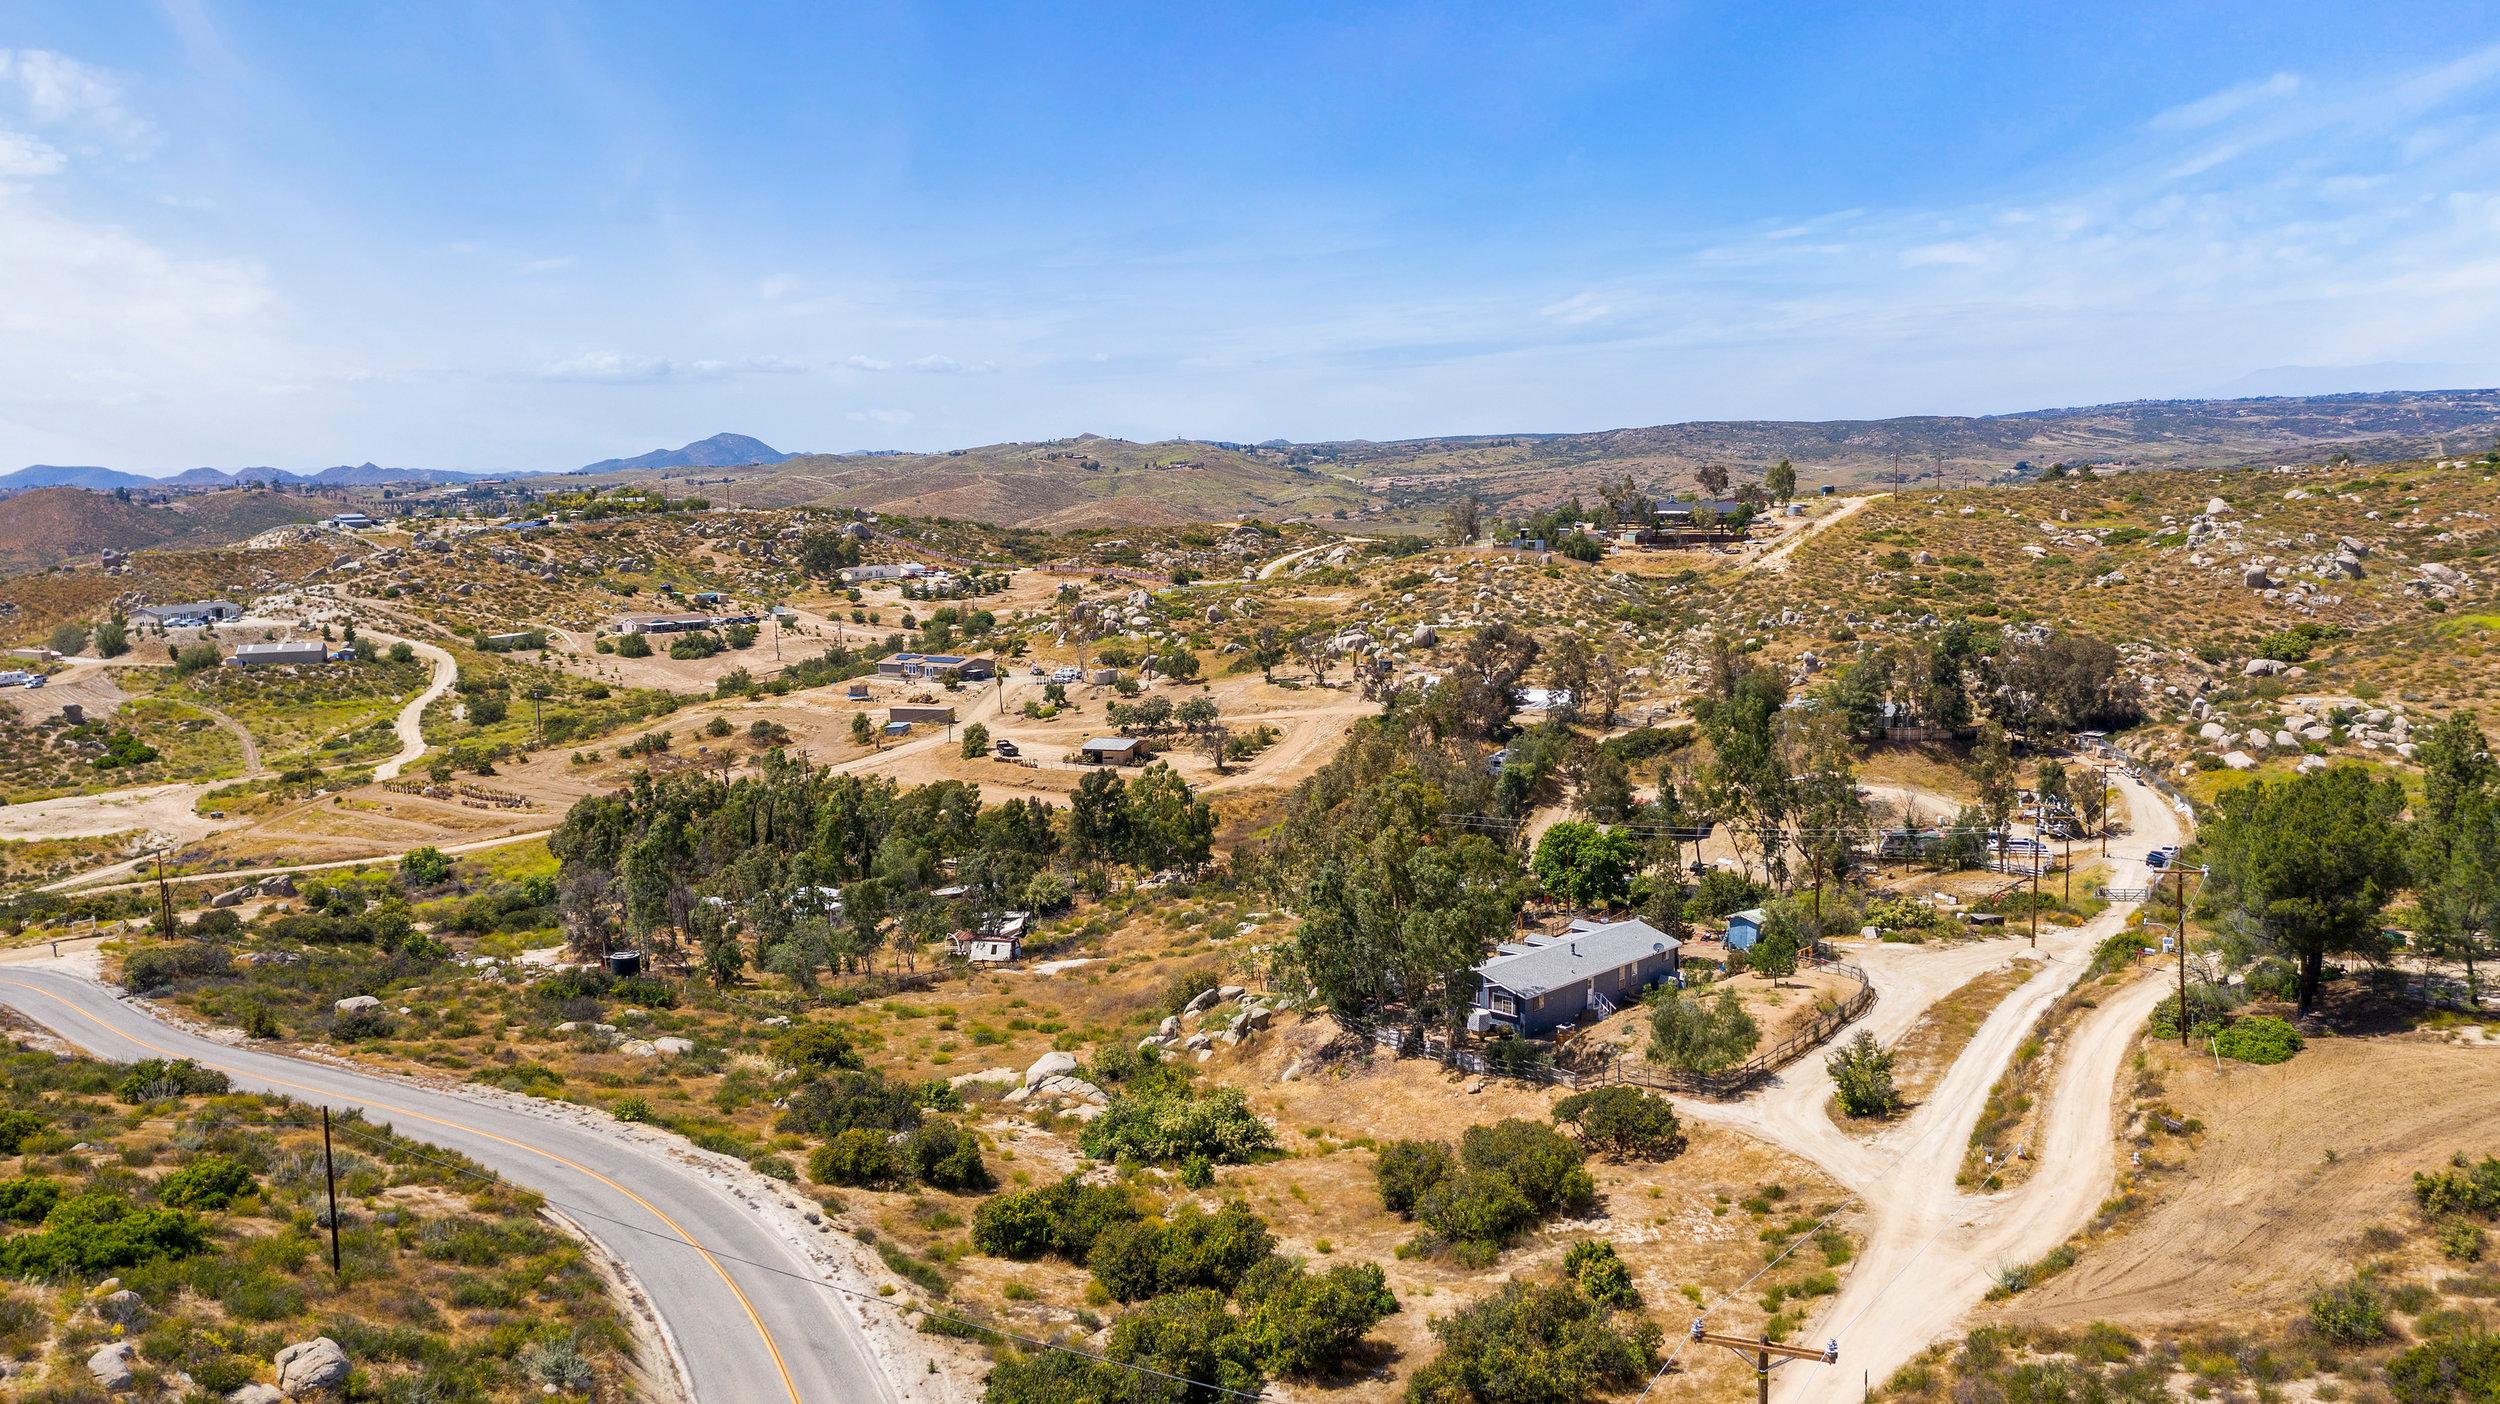 039_Aerial Side View.jpg